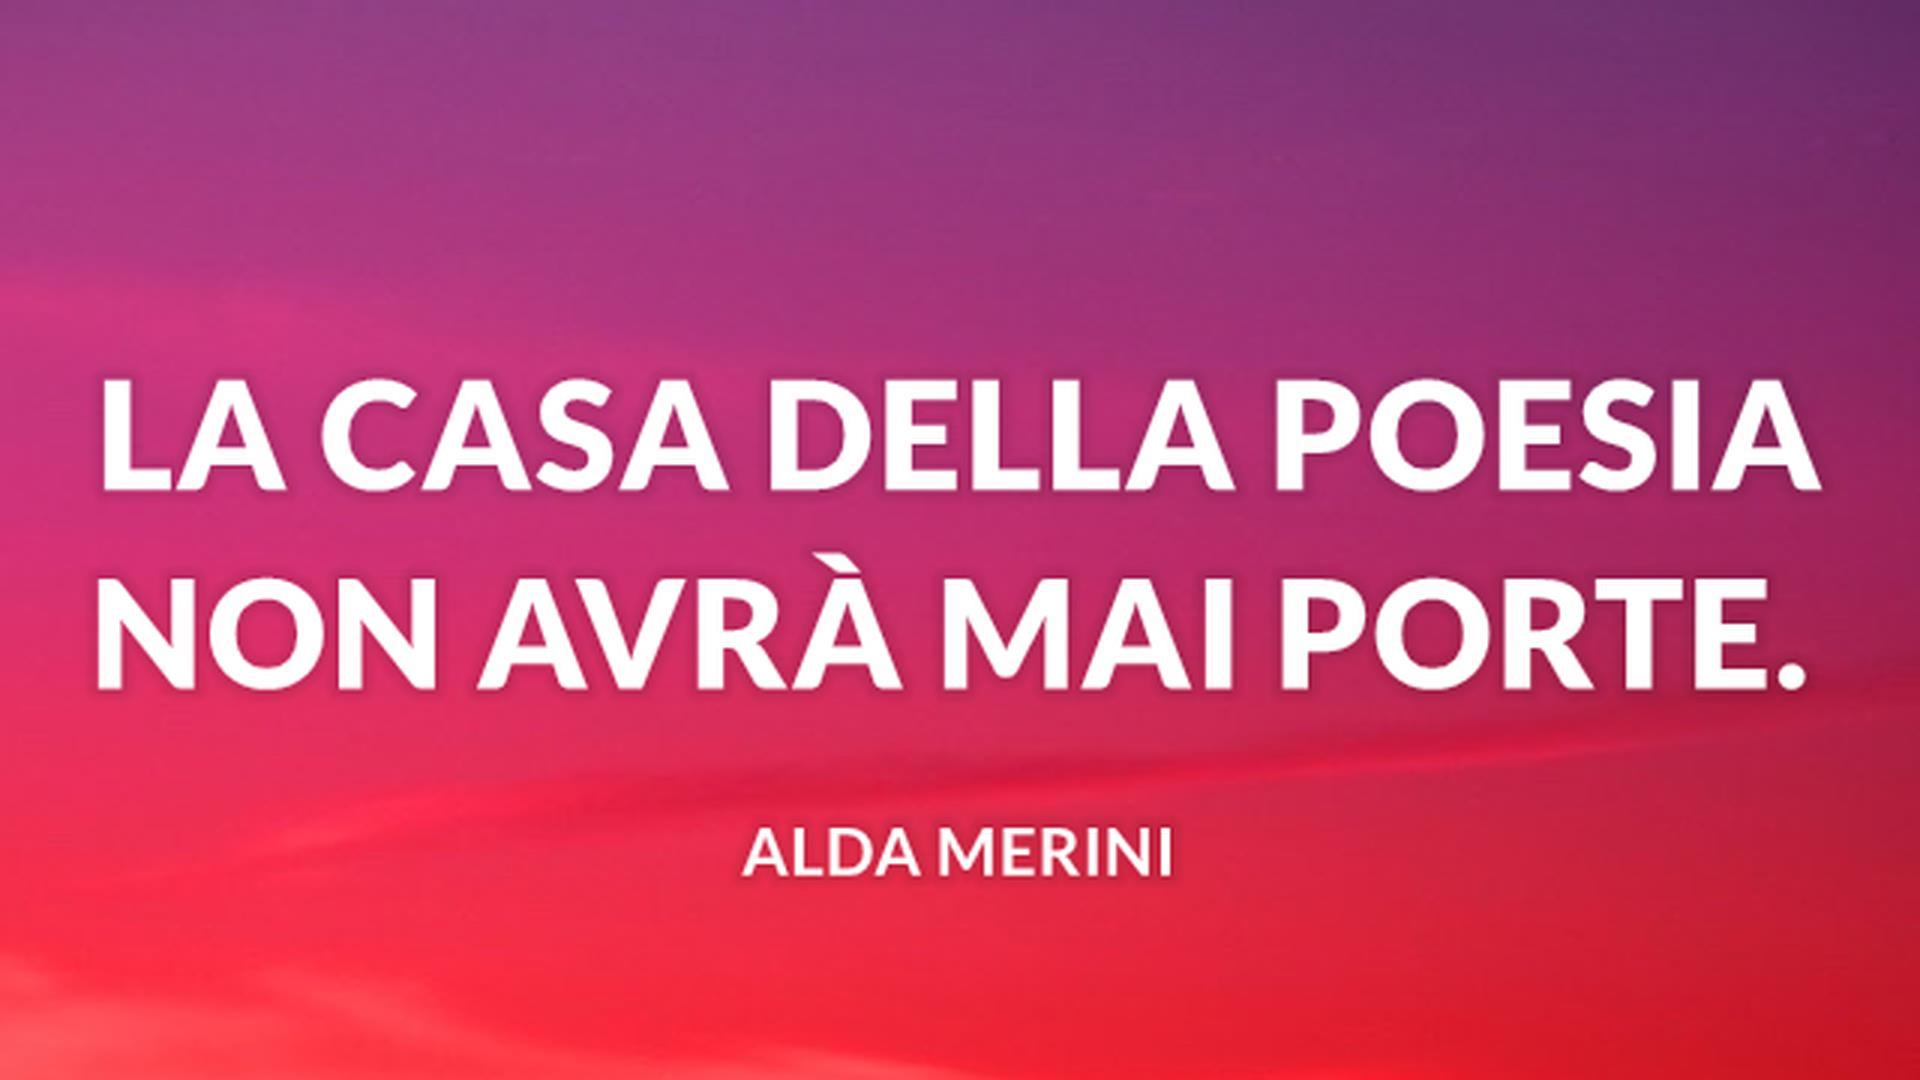 Frasi Ermetiche Famose.50 Frasi Sulla Poesia Le Citazioni Piu Belle E Celebri